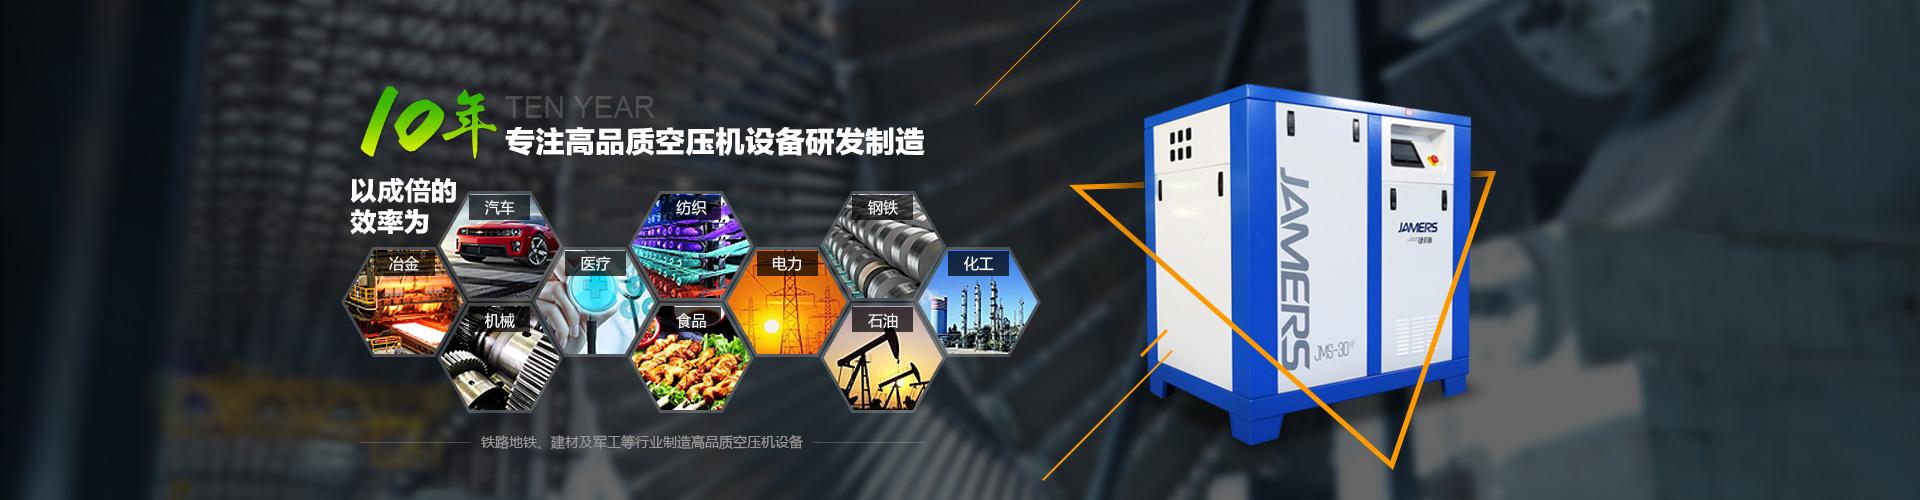 10年(nian)專注高品質(zhi)空壓(ya)機設備研發制造